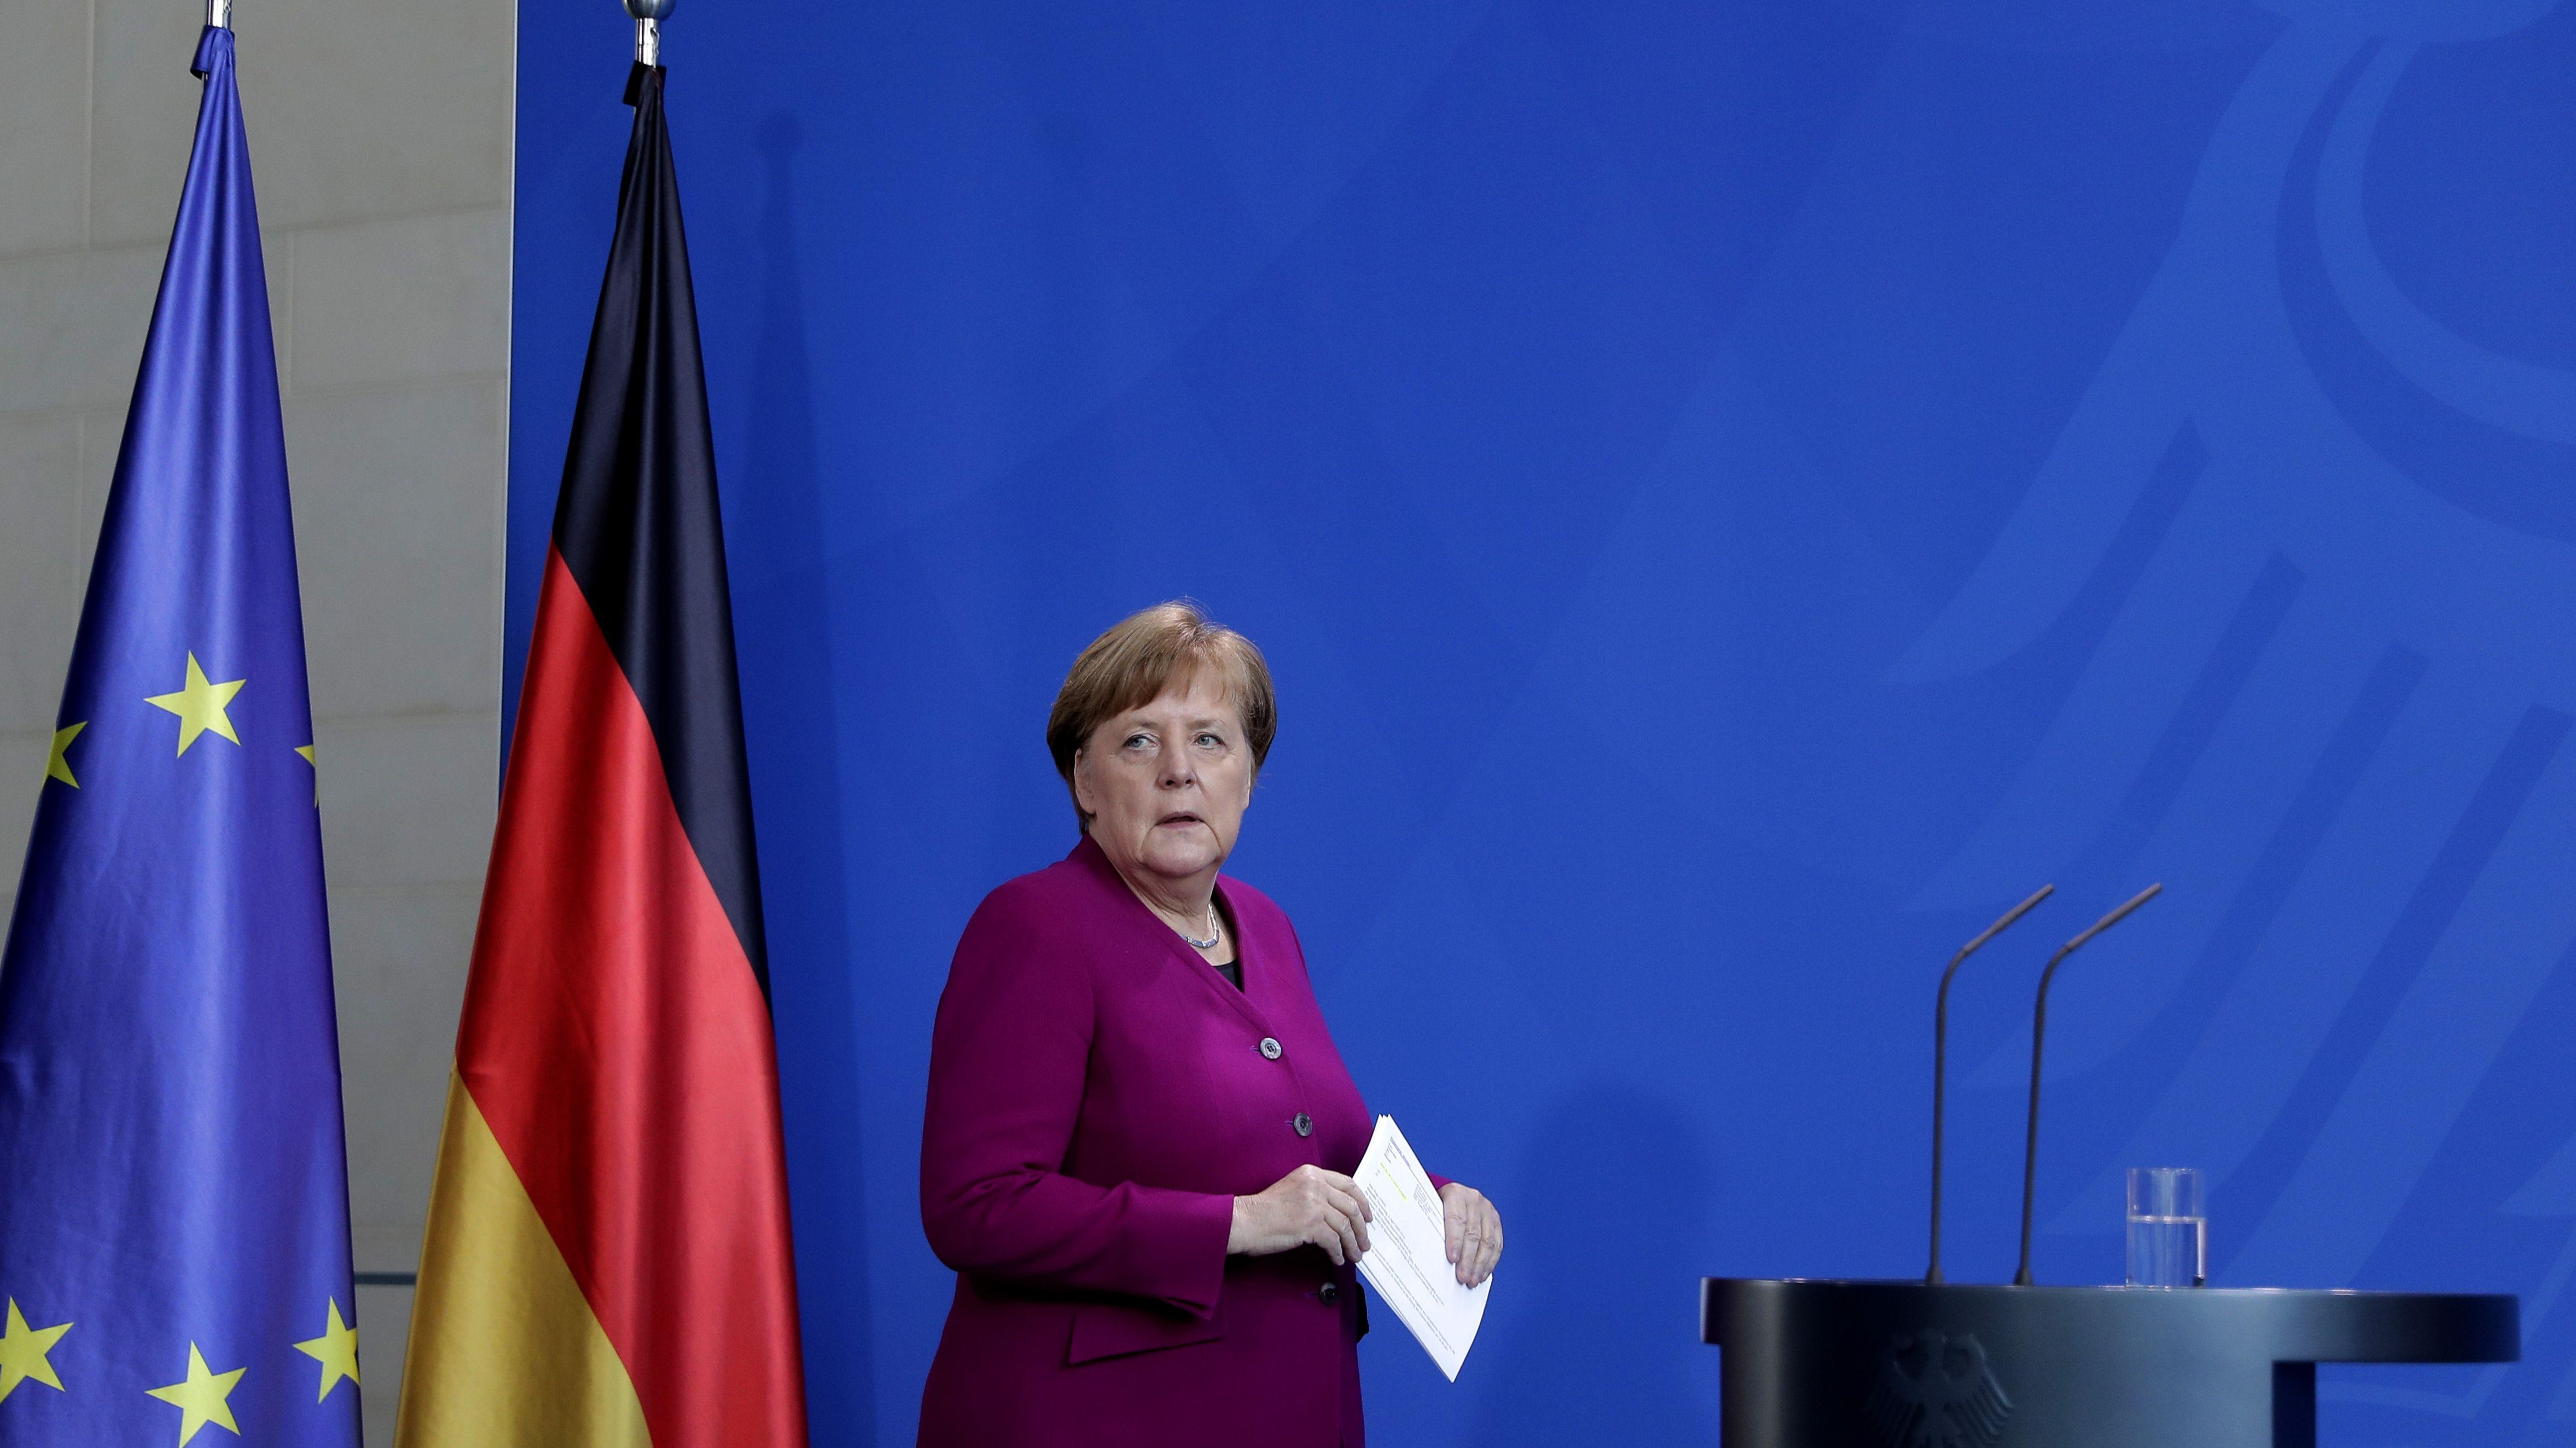 Bundeskanzlerin Angela Merkel (CDU) kommt zu einer Pressekonferenz.